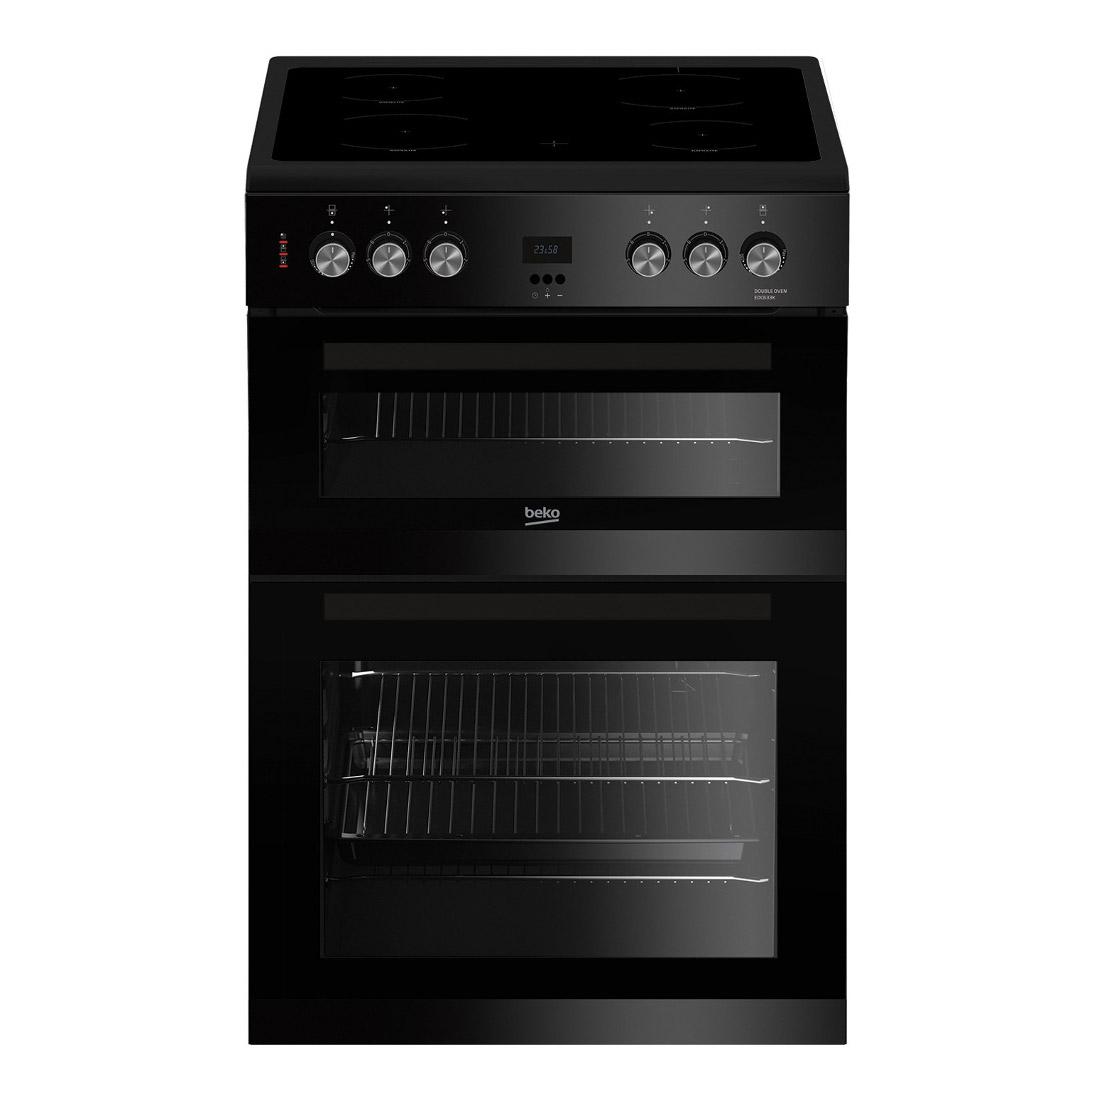 beko edc633k 60cm electric cooker in black double oven. Black Bedroom Furniture Sets. Home Design Ideas